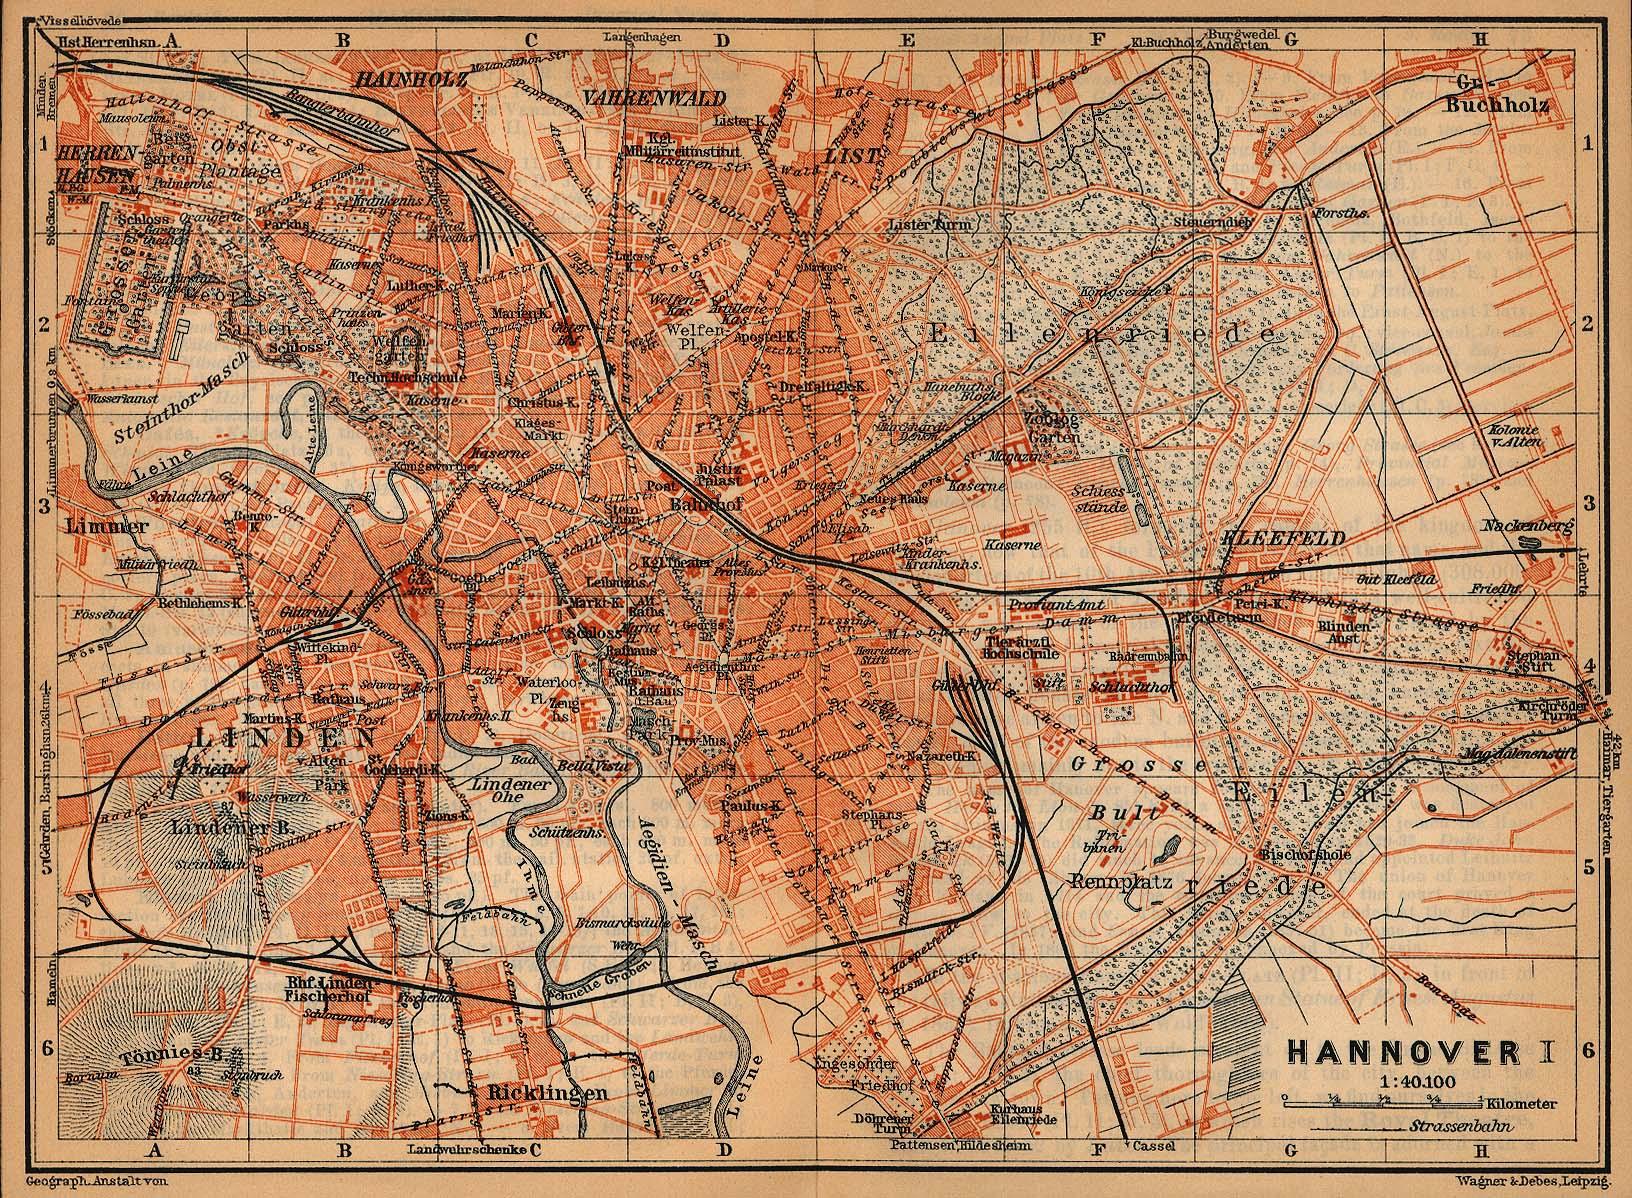 Mapa de Hanóver, Alemania 1910